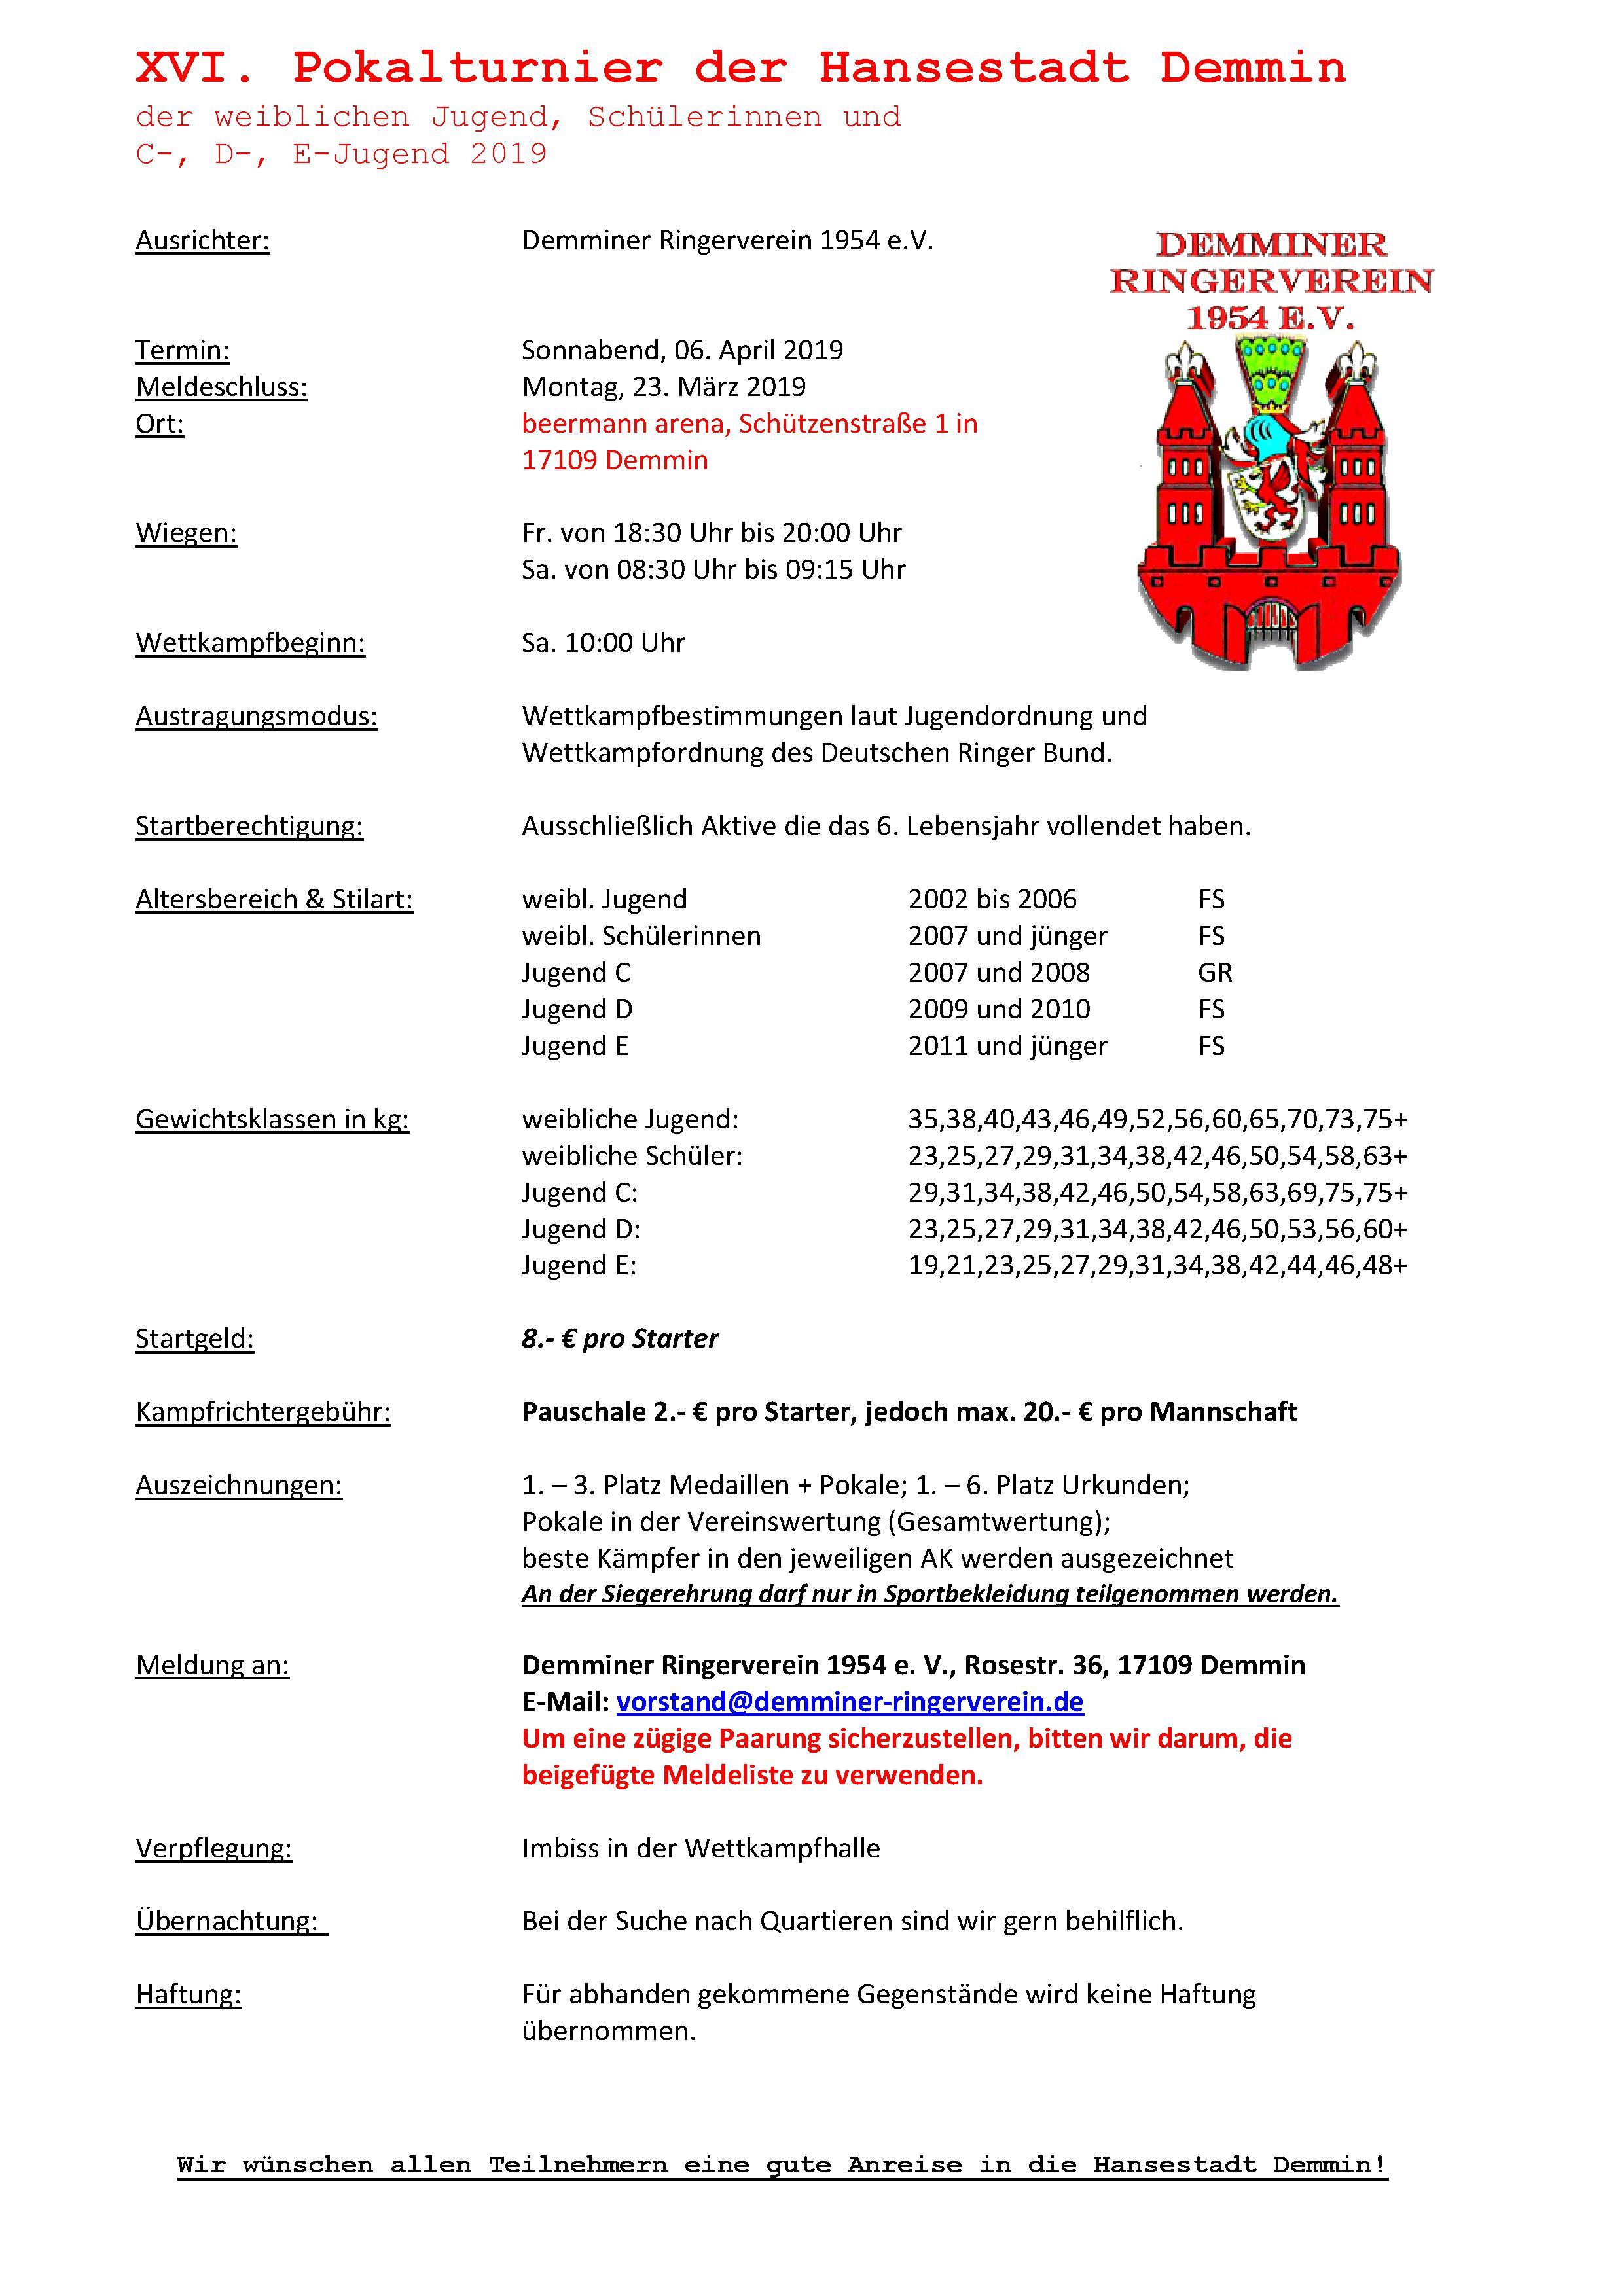 XVI. Pokalturnier der Hansestadt Demmin